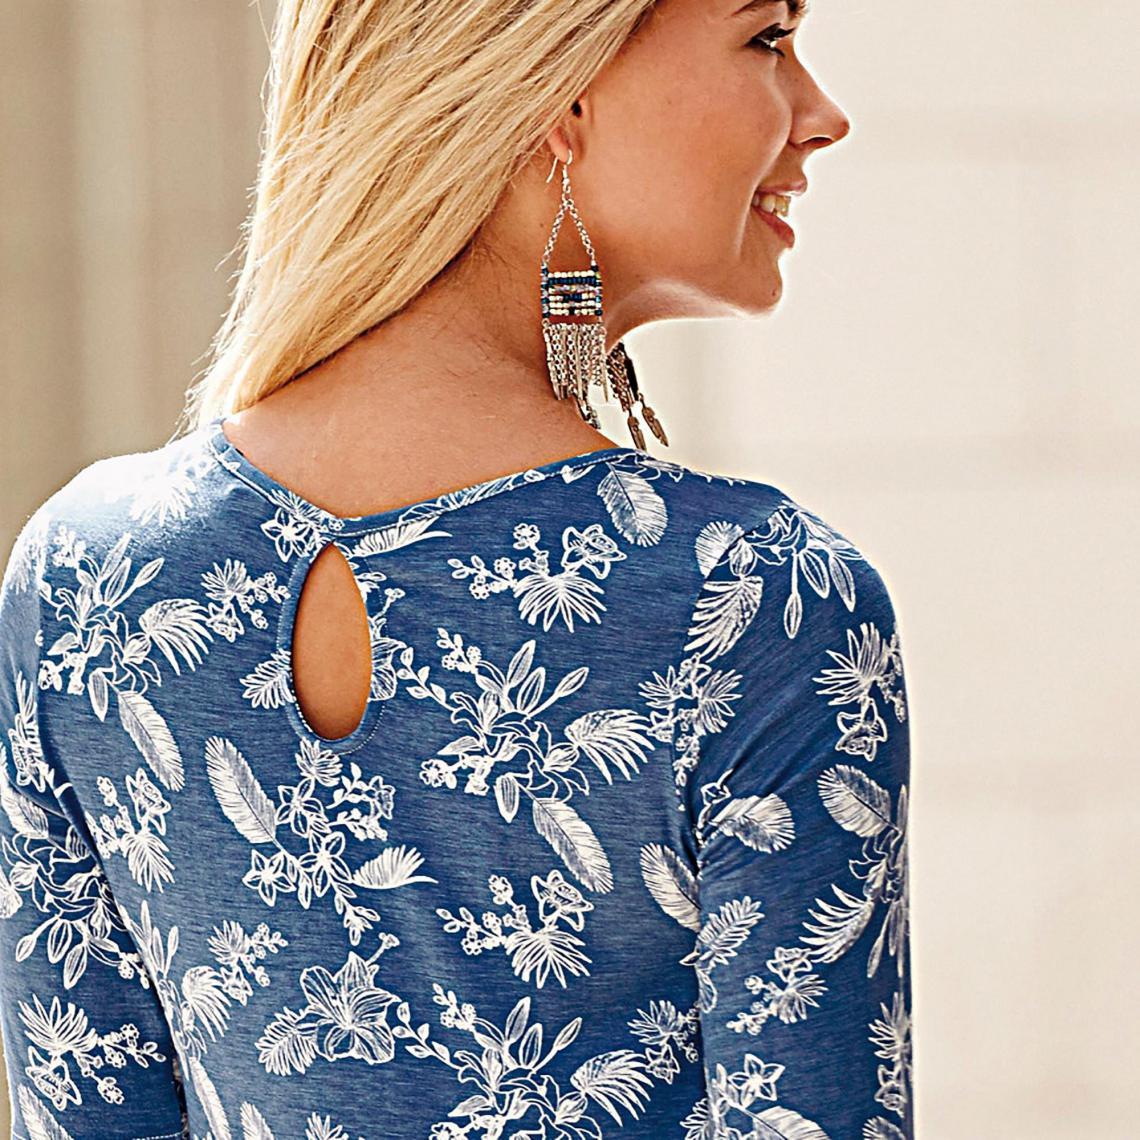 Robe évasée imprimée manches aux coudes femme Exclusivité 3SUISSES - Imprimé  Bleu 3 Suisses c47ca83db522